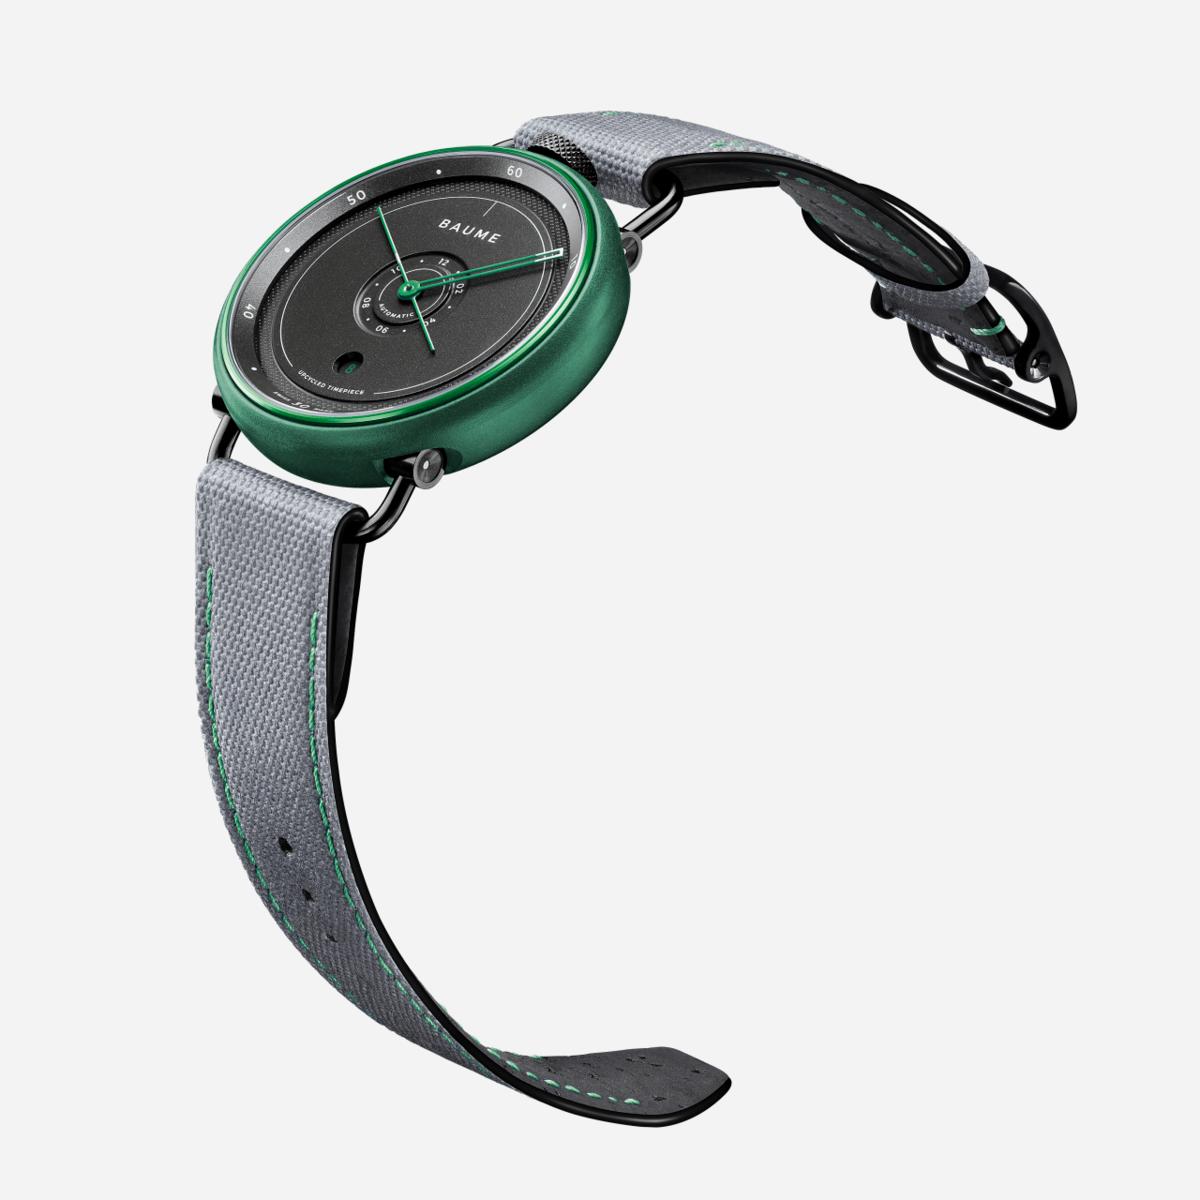 以海洋回收物料製成的錶殼,外層還以陽極氧化鋁處理,形成綠色或藍色的鍍膜,指針和錶帶縫線也以同色打造。